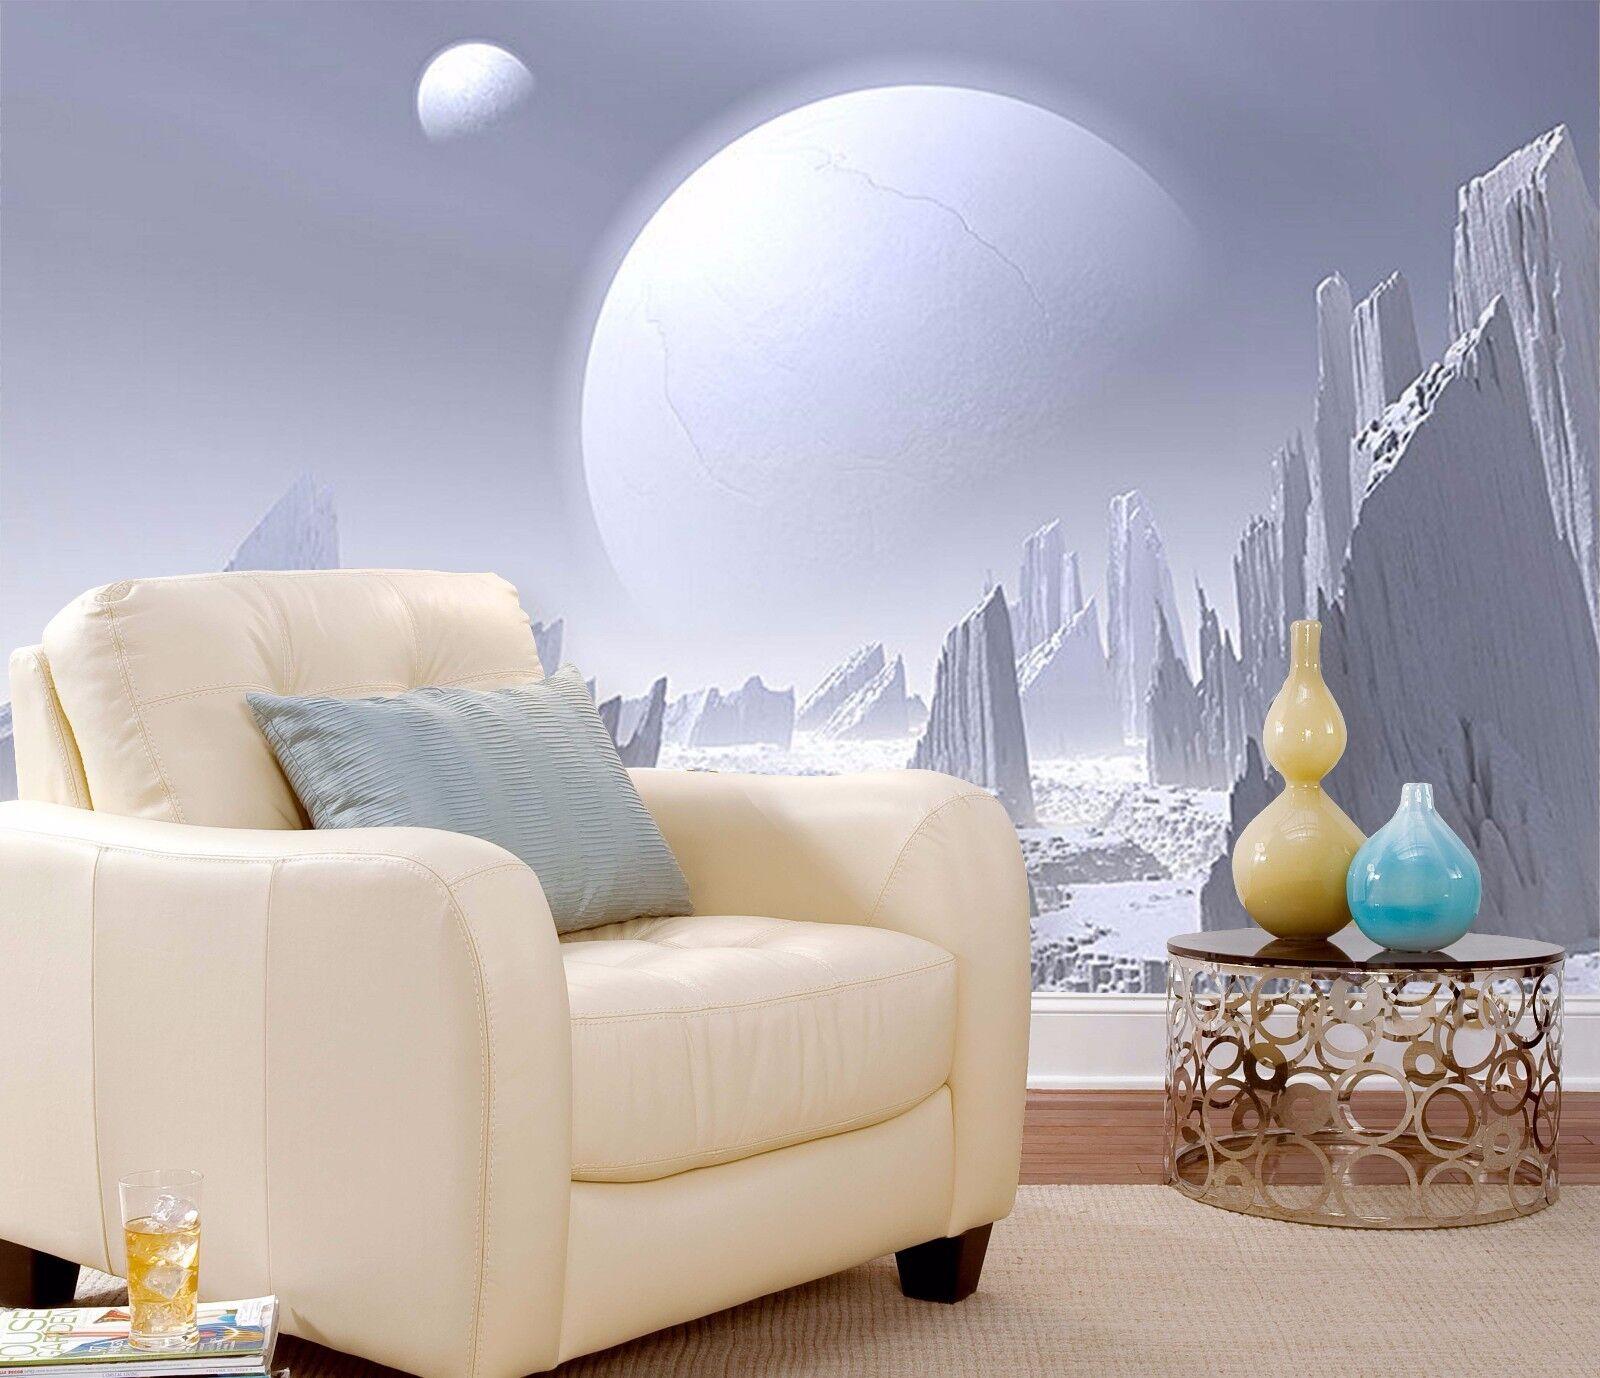 3D Ball Whitie 59 Wallpaper Murals Wall Print Wallpaper Mural AJ WALLPAPER UK